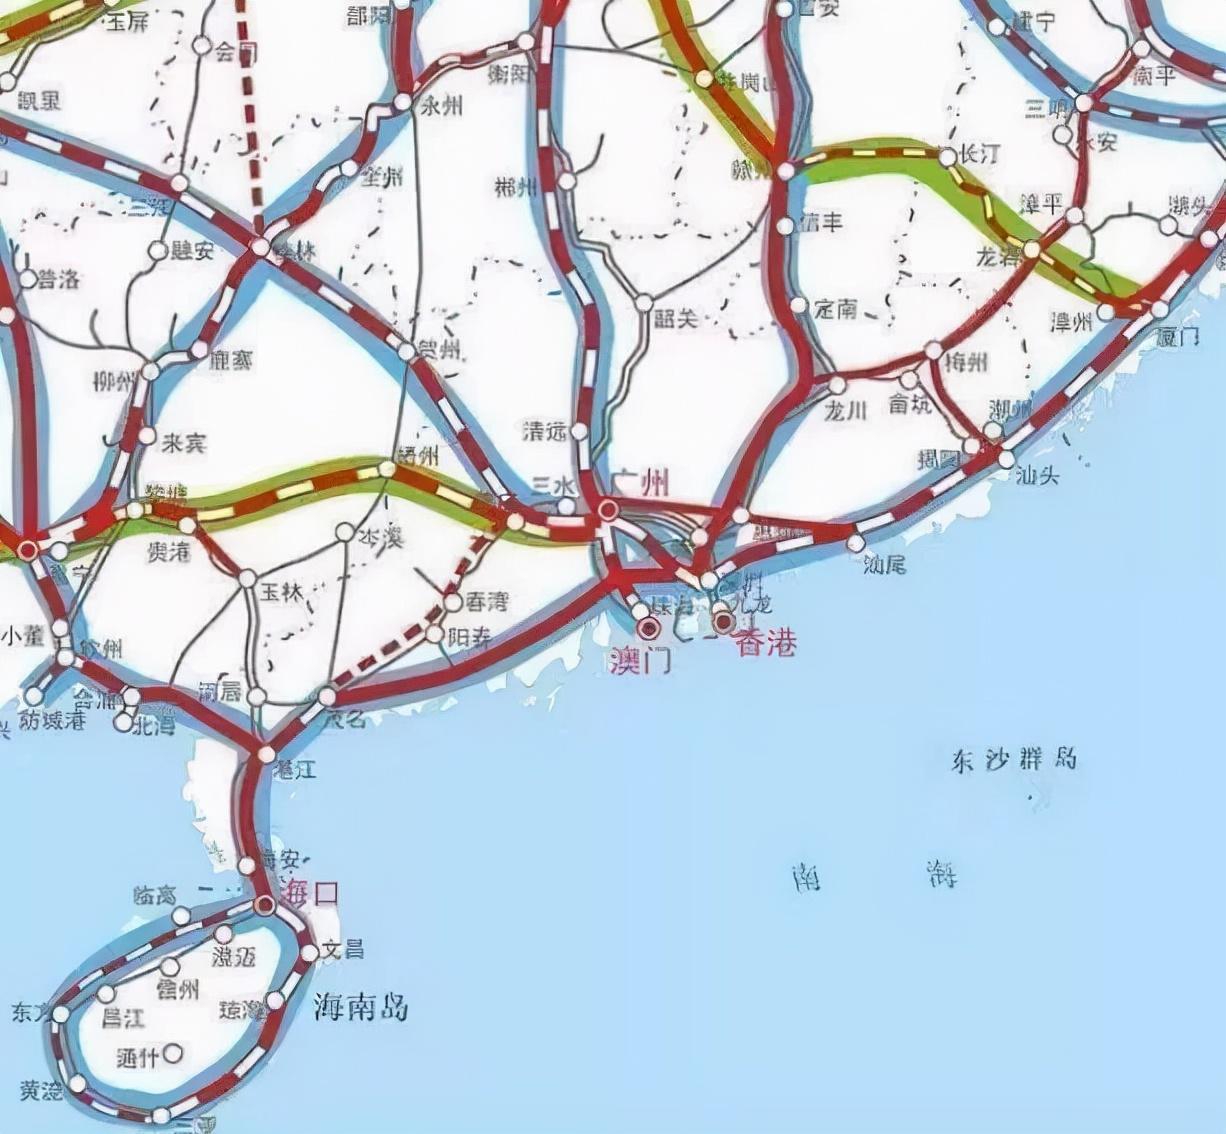 推荐收藏|中国高铁规划图「2030年」